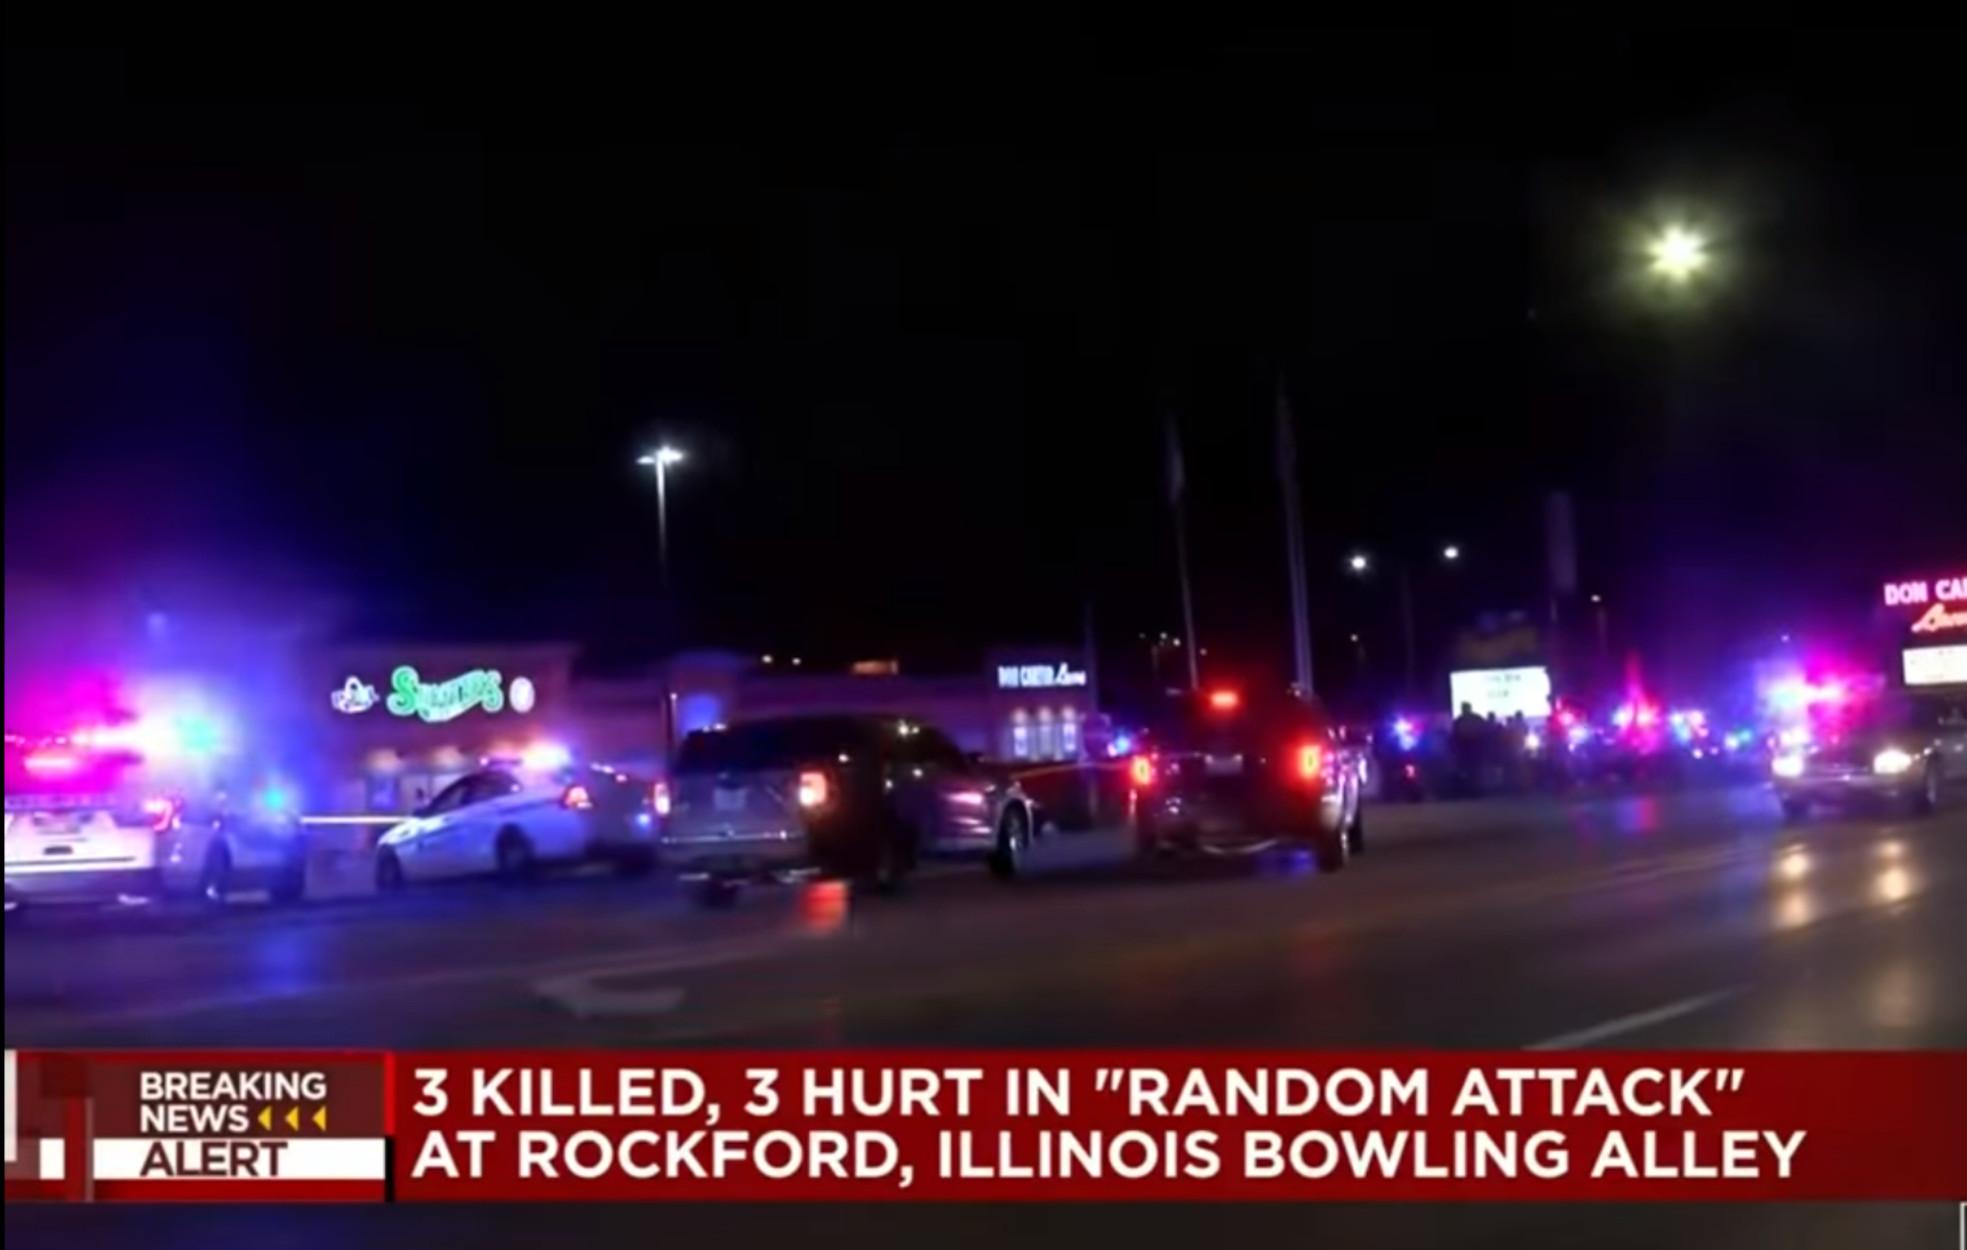 Μακελειό στο Ιλινόι: Τρεις νεκροί και τρεις τραυματίες από πυροβολισμούς σε αίθουσα μπόουλινγκ (video)